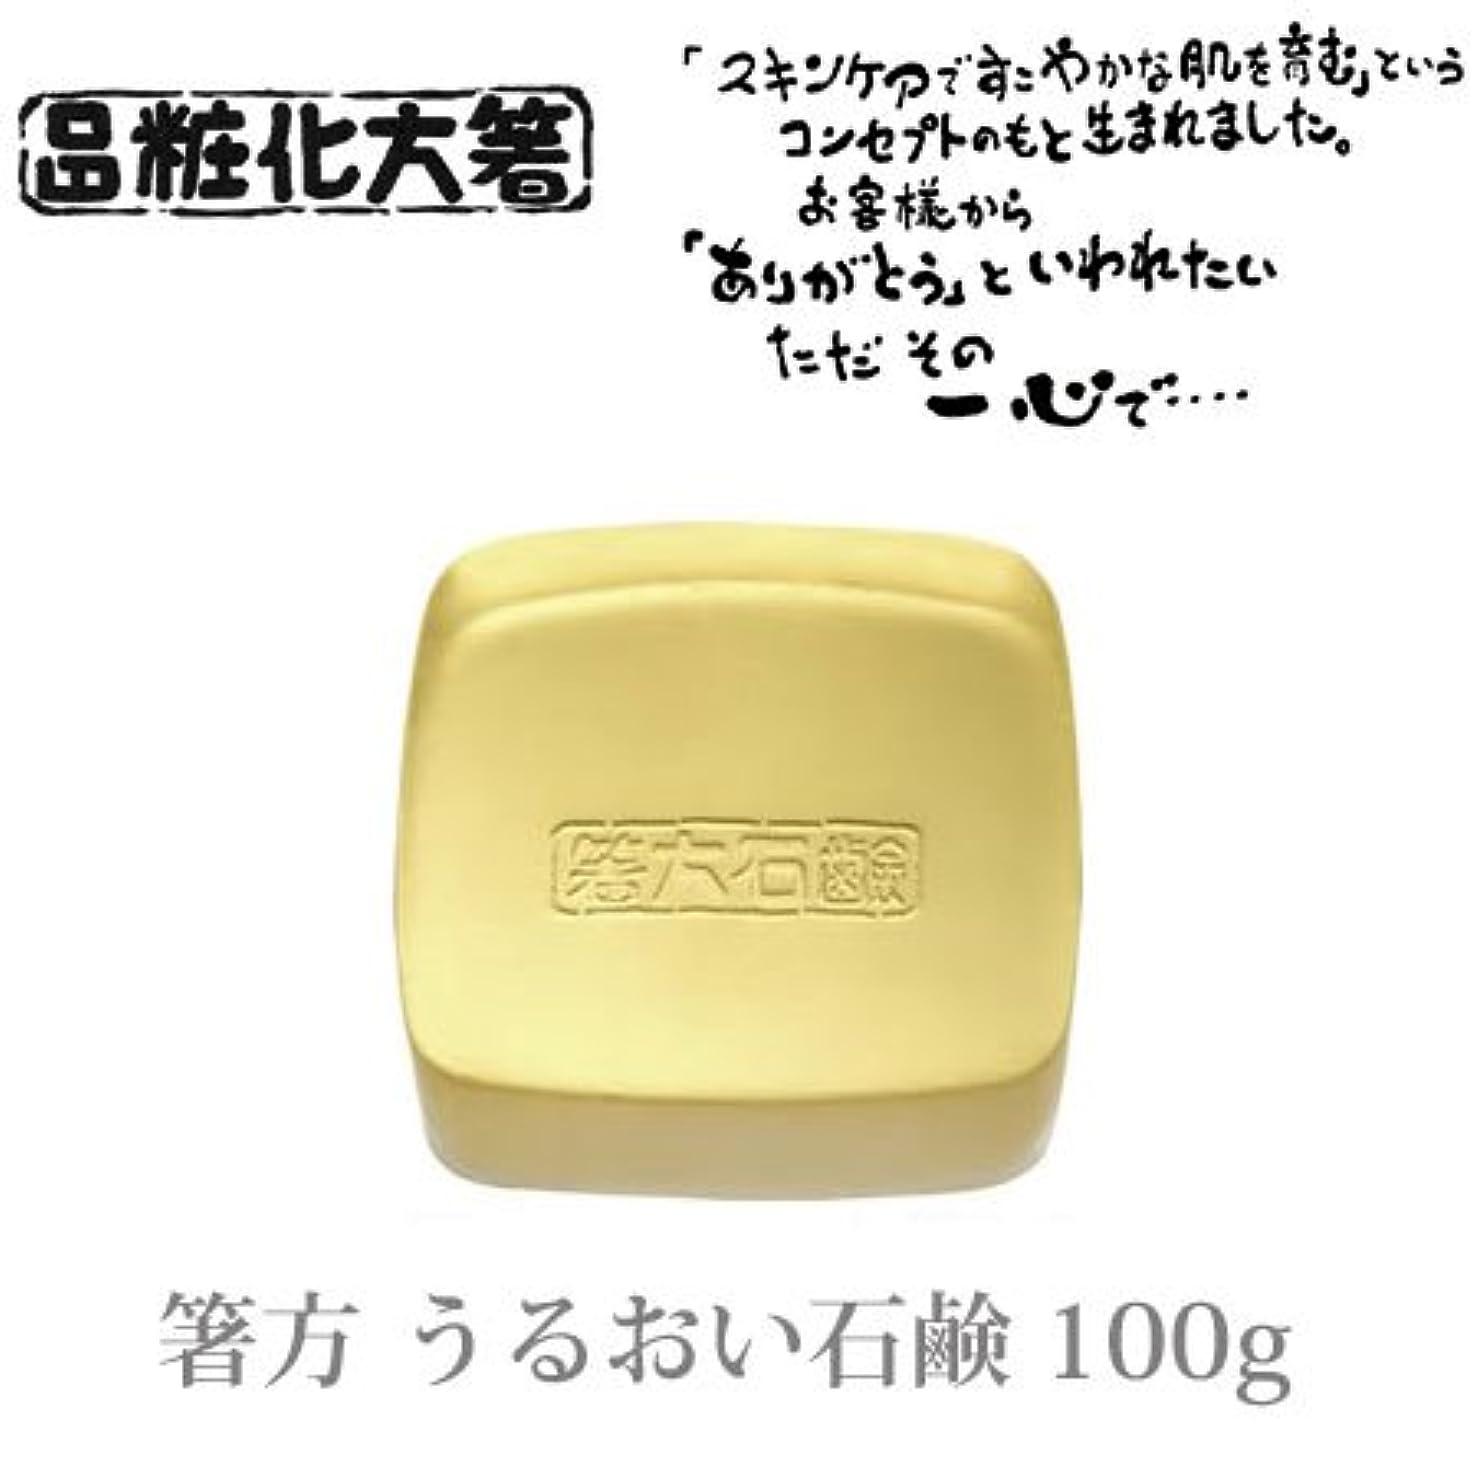 折本飲食店箸方化粧品 うるおい石鹸 100g はしかた化粧品